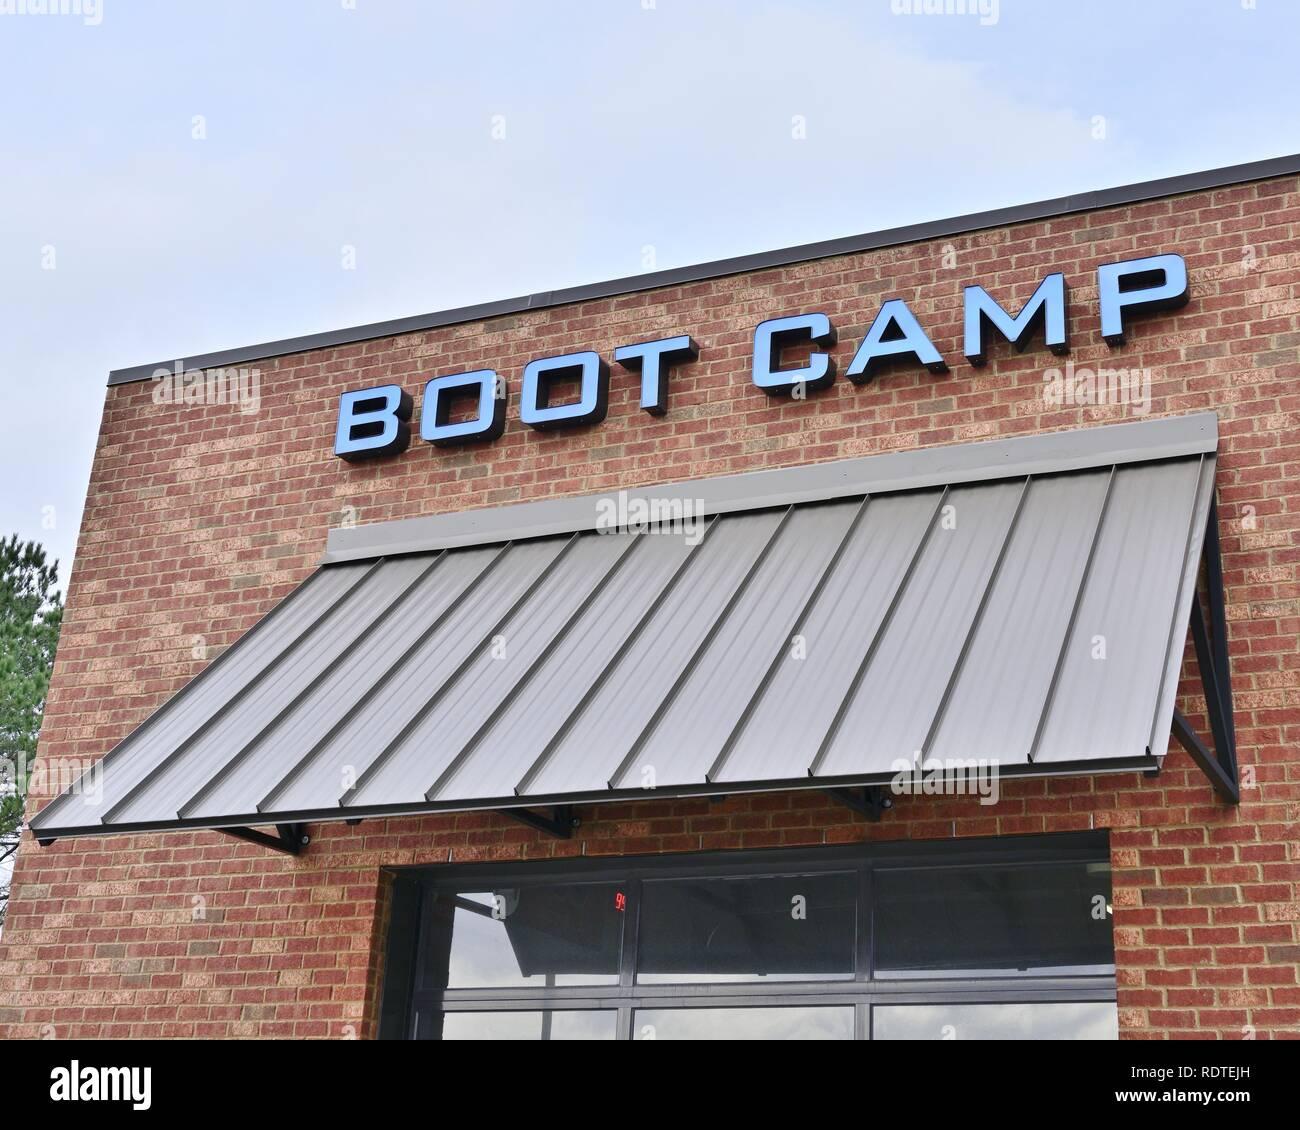 Boot Camp, situado sobre un nuevo centro de fitness o gimnasio o club de salud en Montgomery, Alabama, Estados Unidos. Imagen De Stock